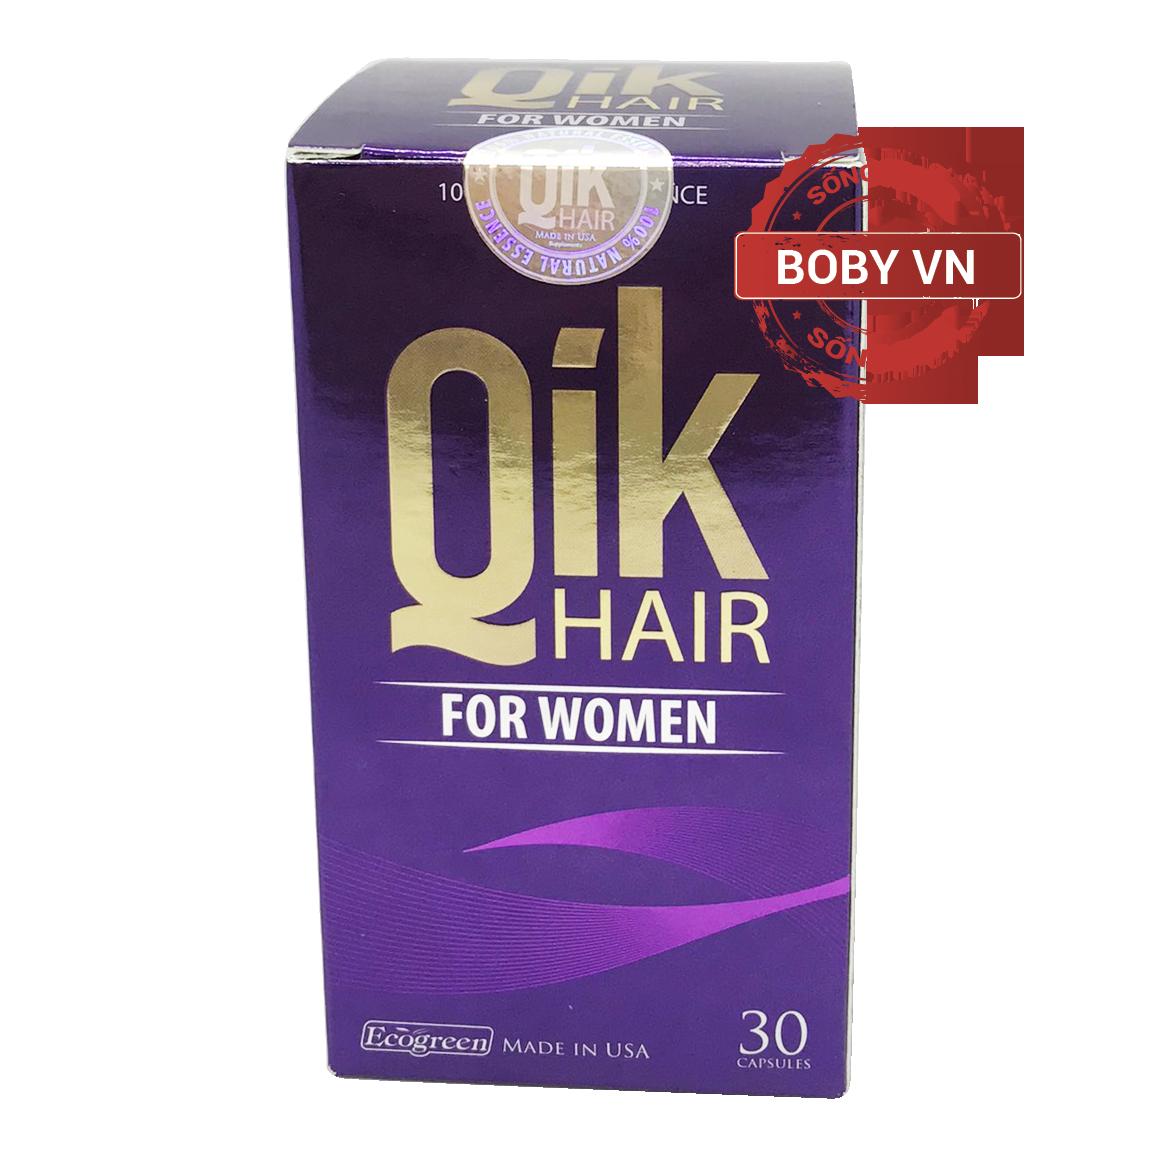 QIK (FOR WOMEN) - Cải thiện tình trạng rụng tóc, kích thích mọc tóc cho nữ giới